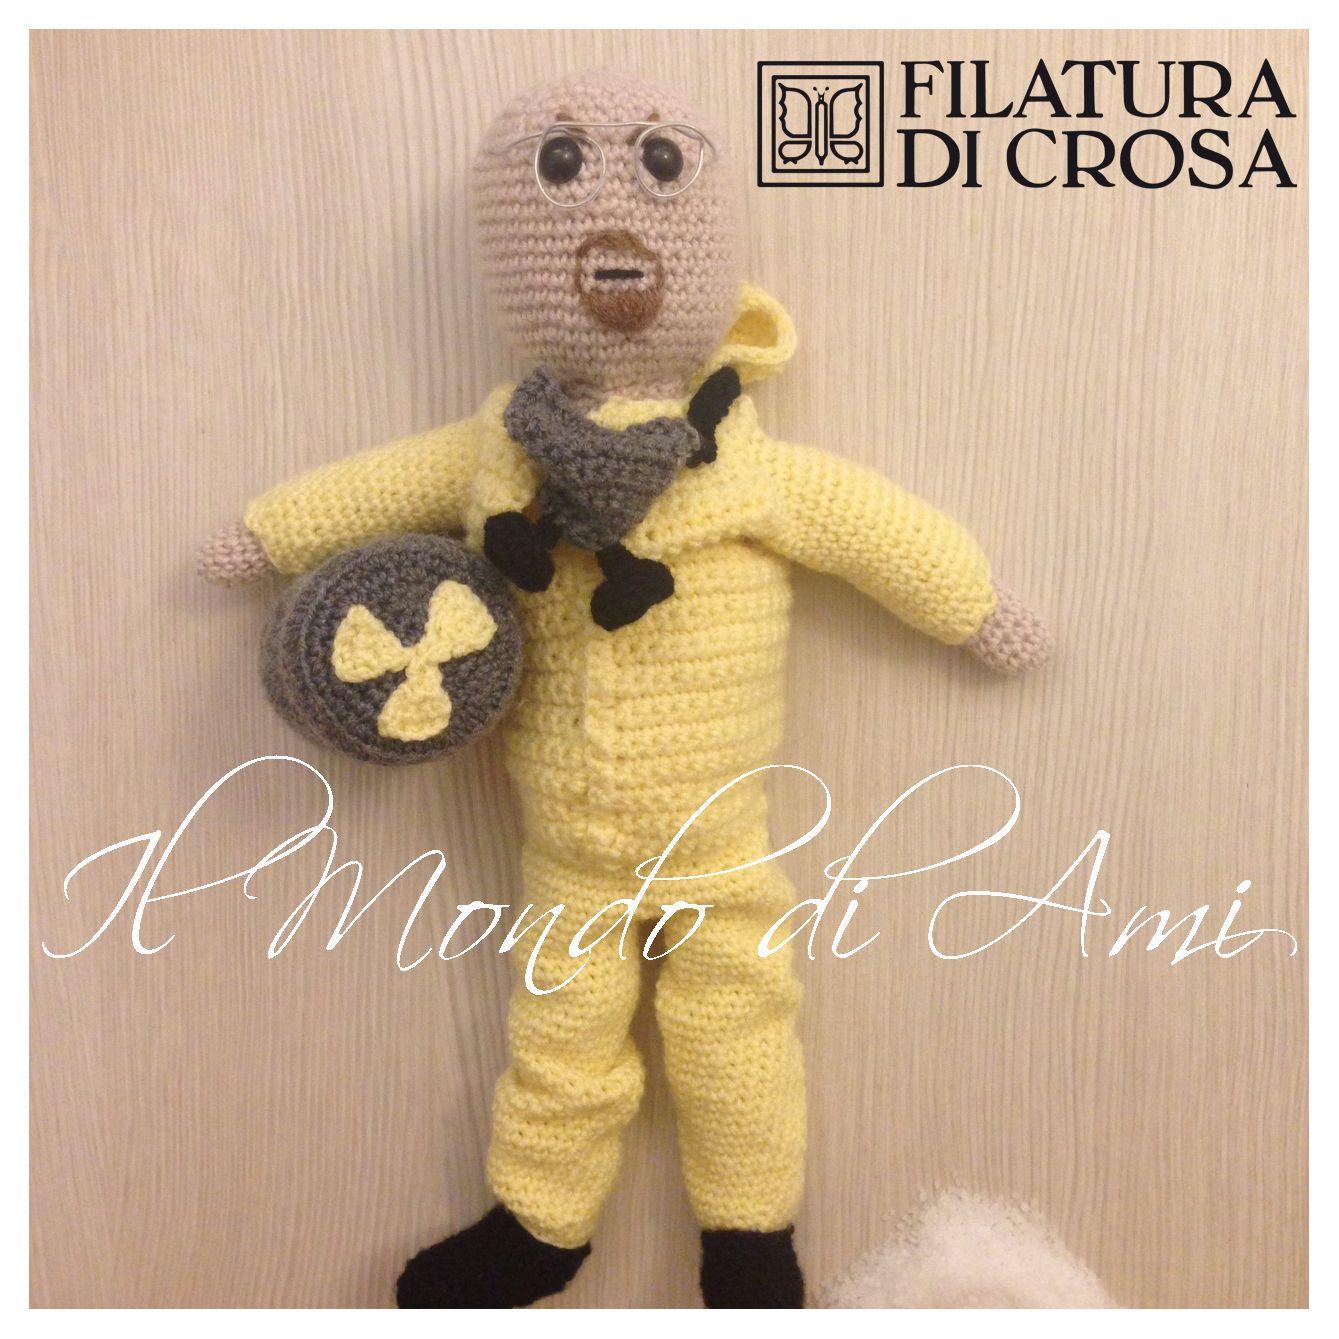 """Walter White """"Breaking Bad"""" realizzato con filato """"Zarina"""" Filatura di Crosa, Walter White Handmade crochet. Amigurumi."""